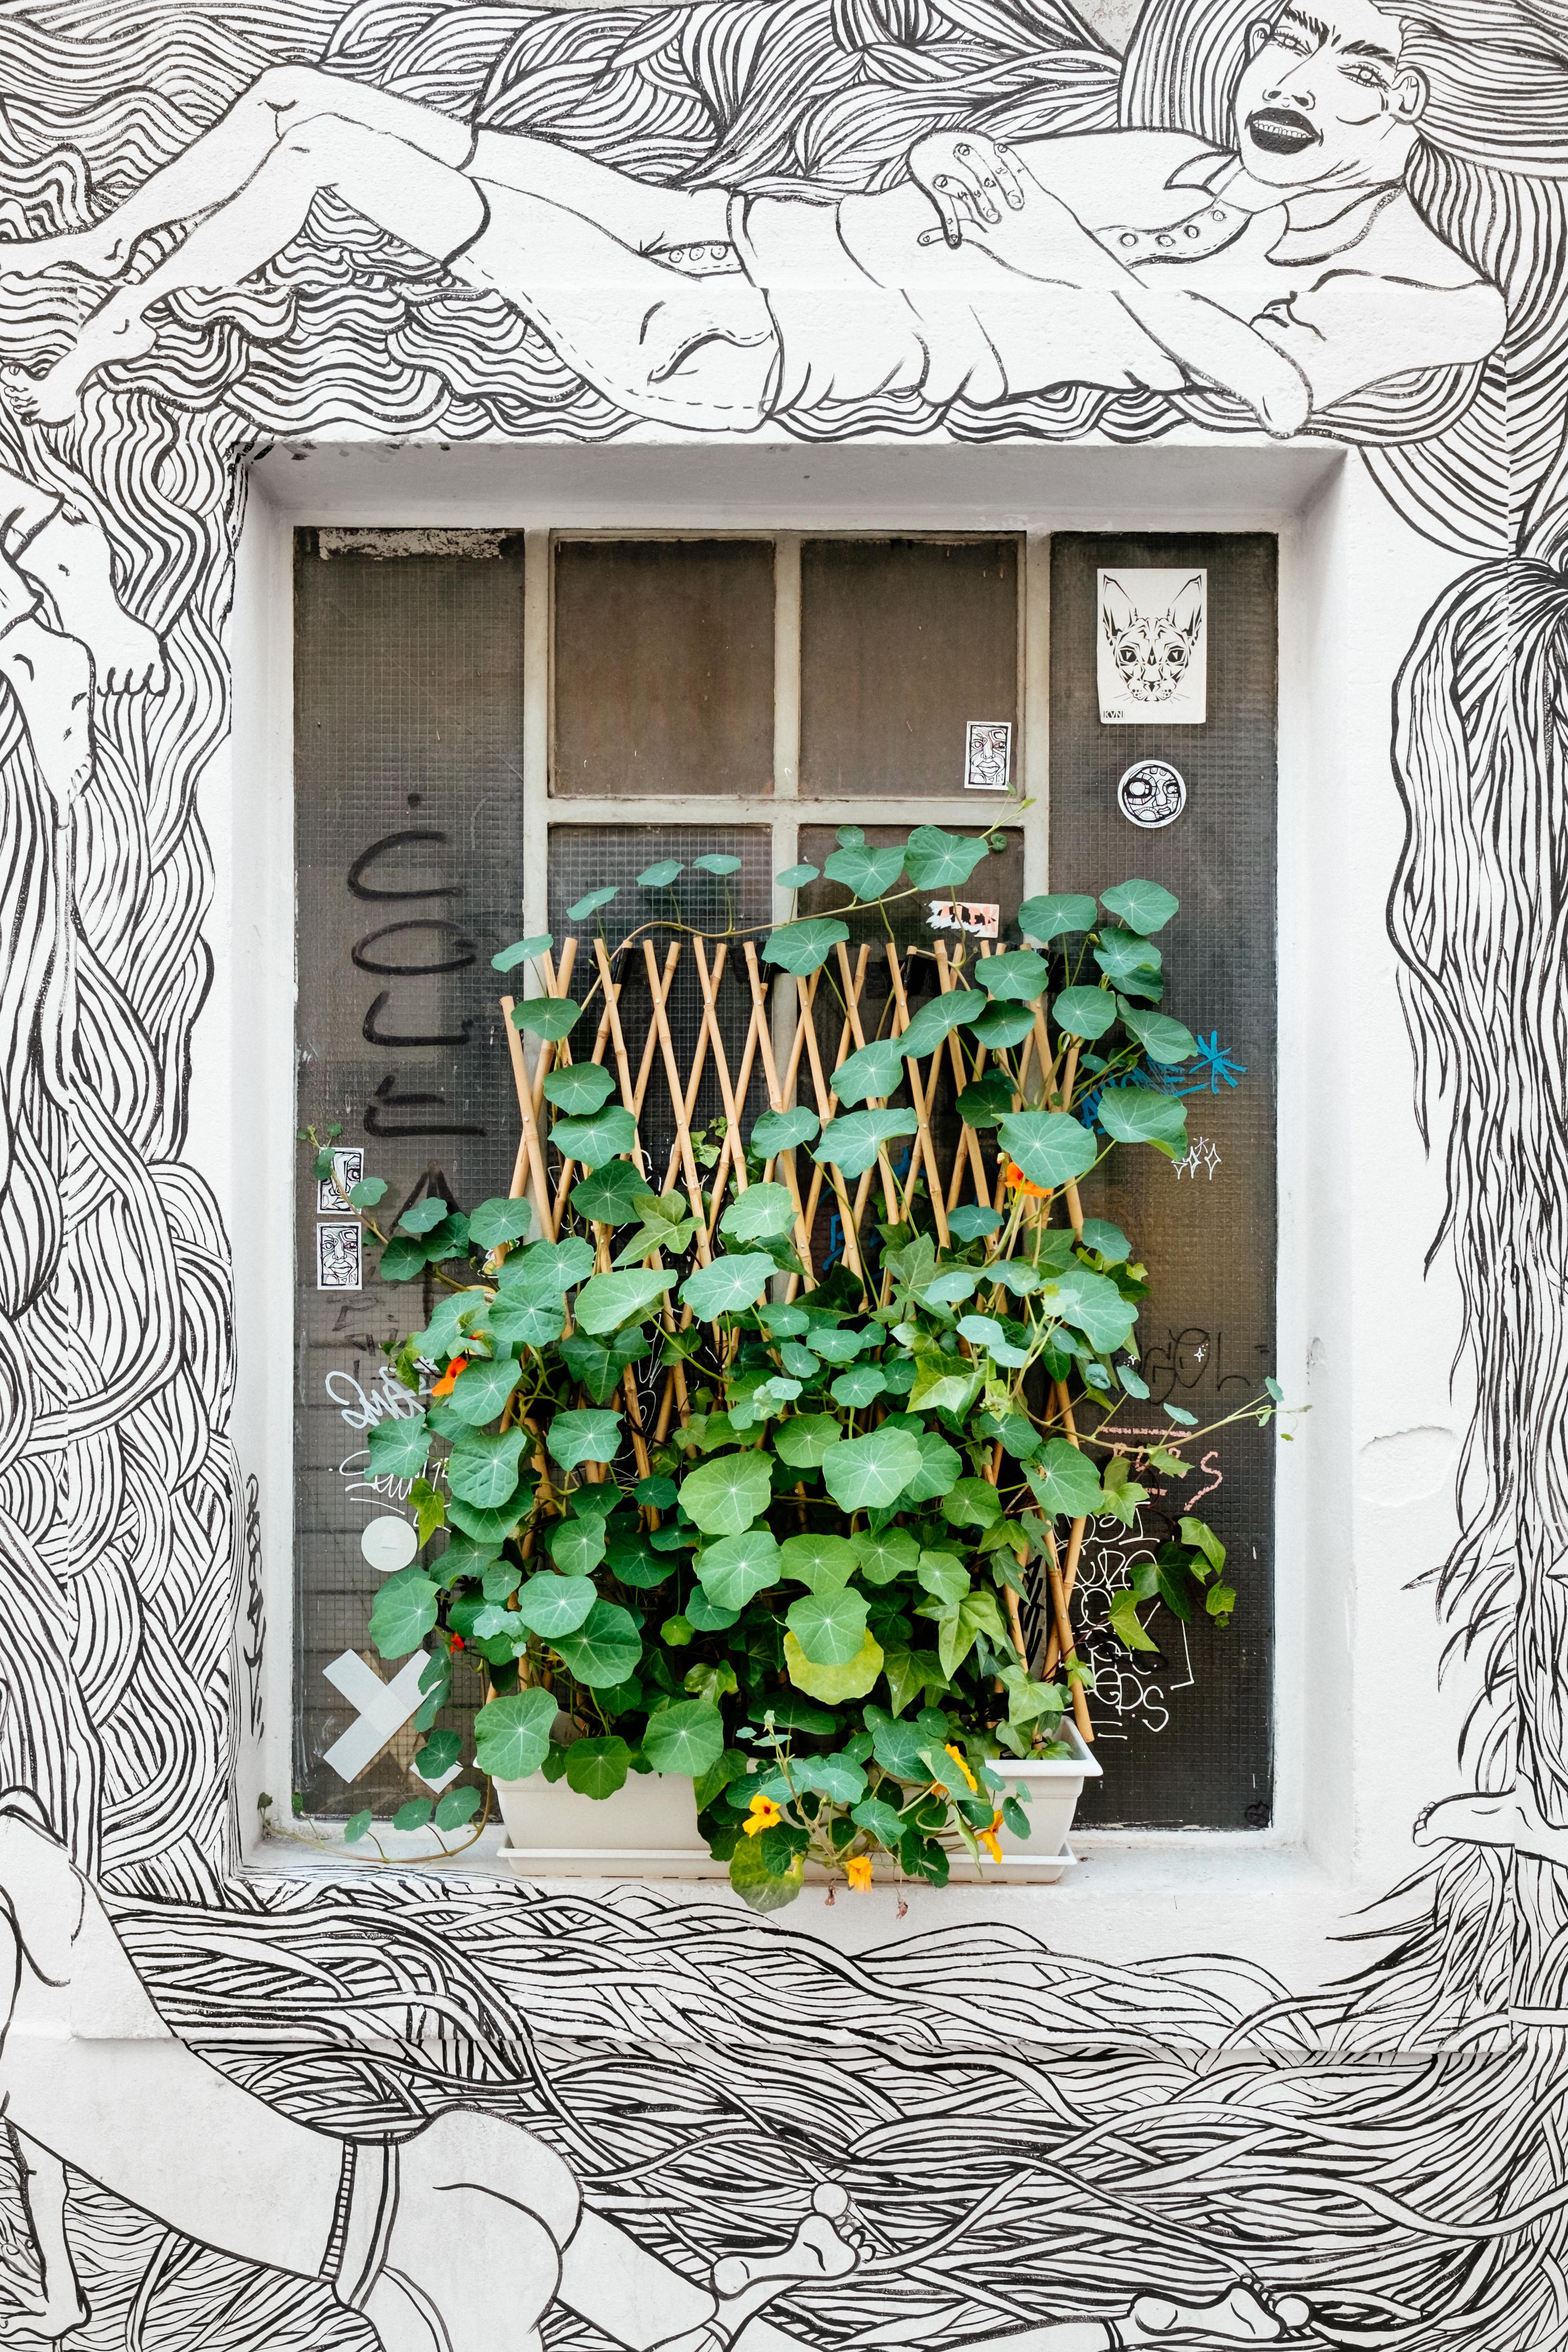 Gambar Cabang Abstrak Hitam Dan Putih Arsitektur Jendela